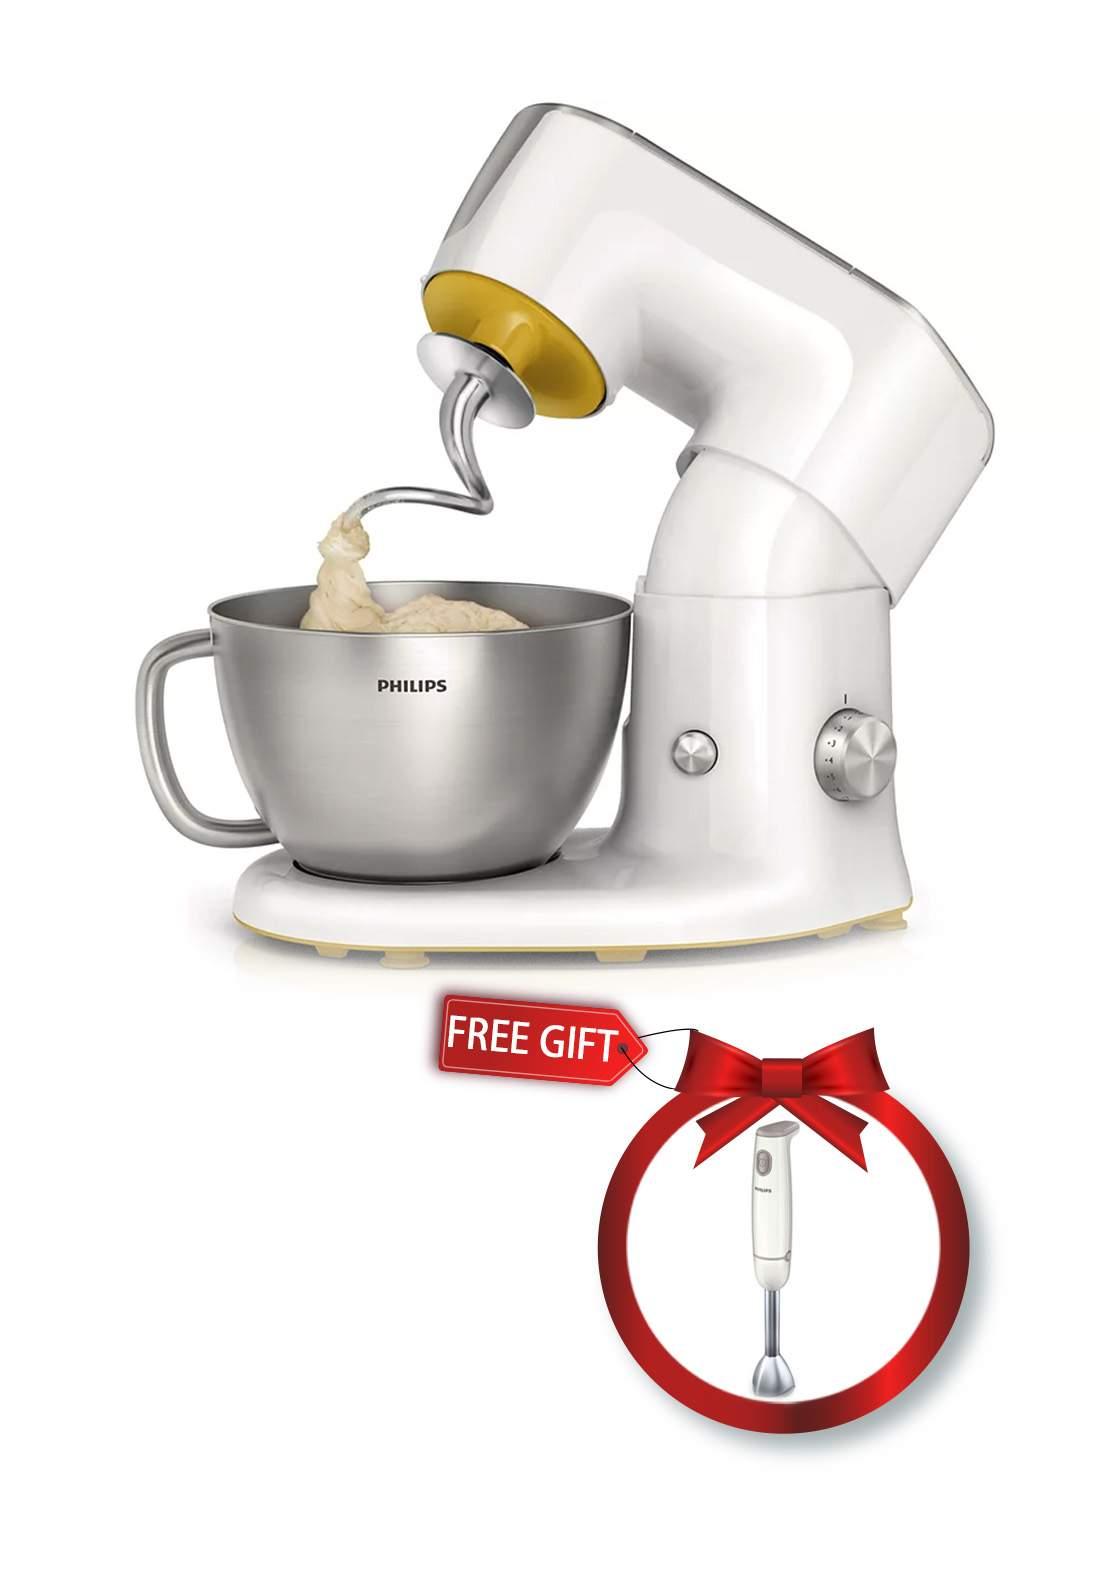 Philips HR7954 Kitchen Machine and Philips HR1605 Hand Mixer عرض عجانة كهربائية + خلاط يدوي